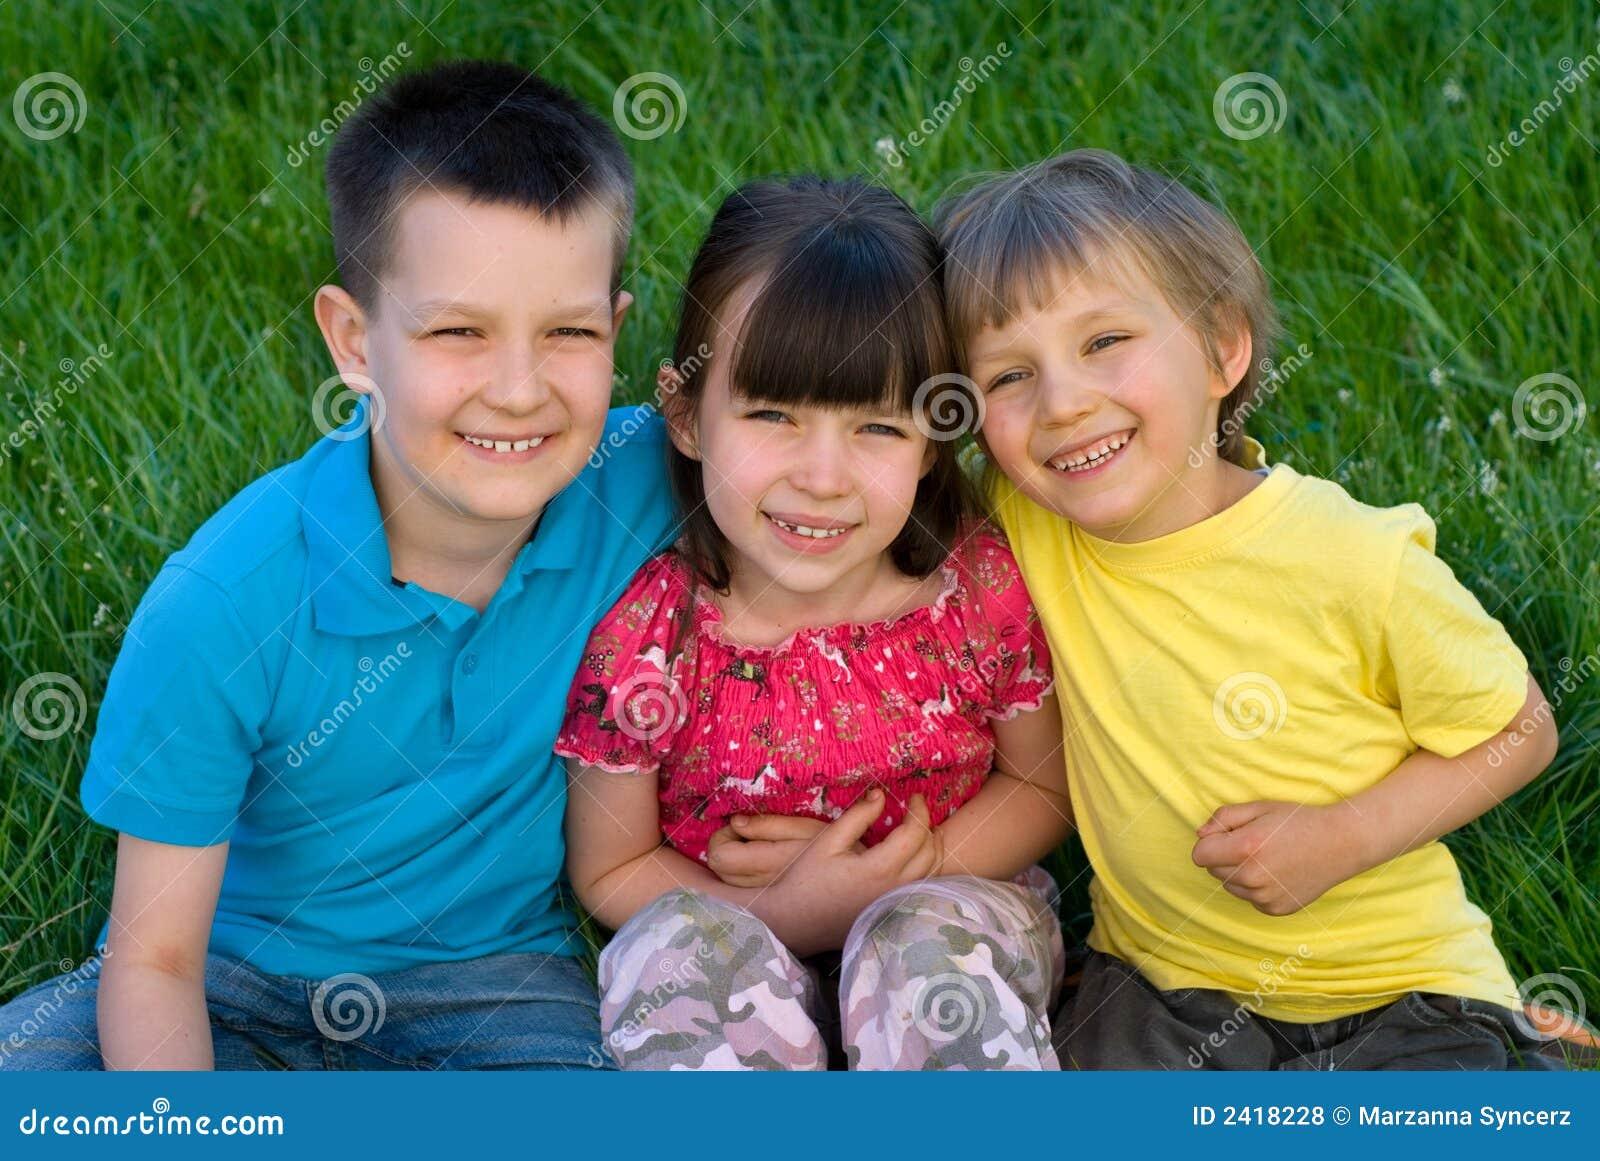 Drie gelukkige kinderen in gras